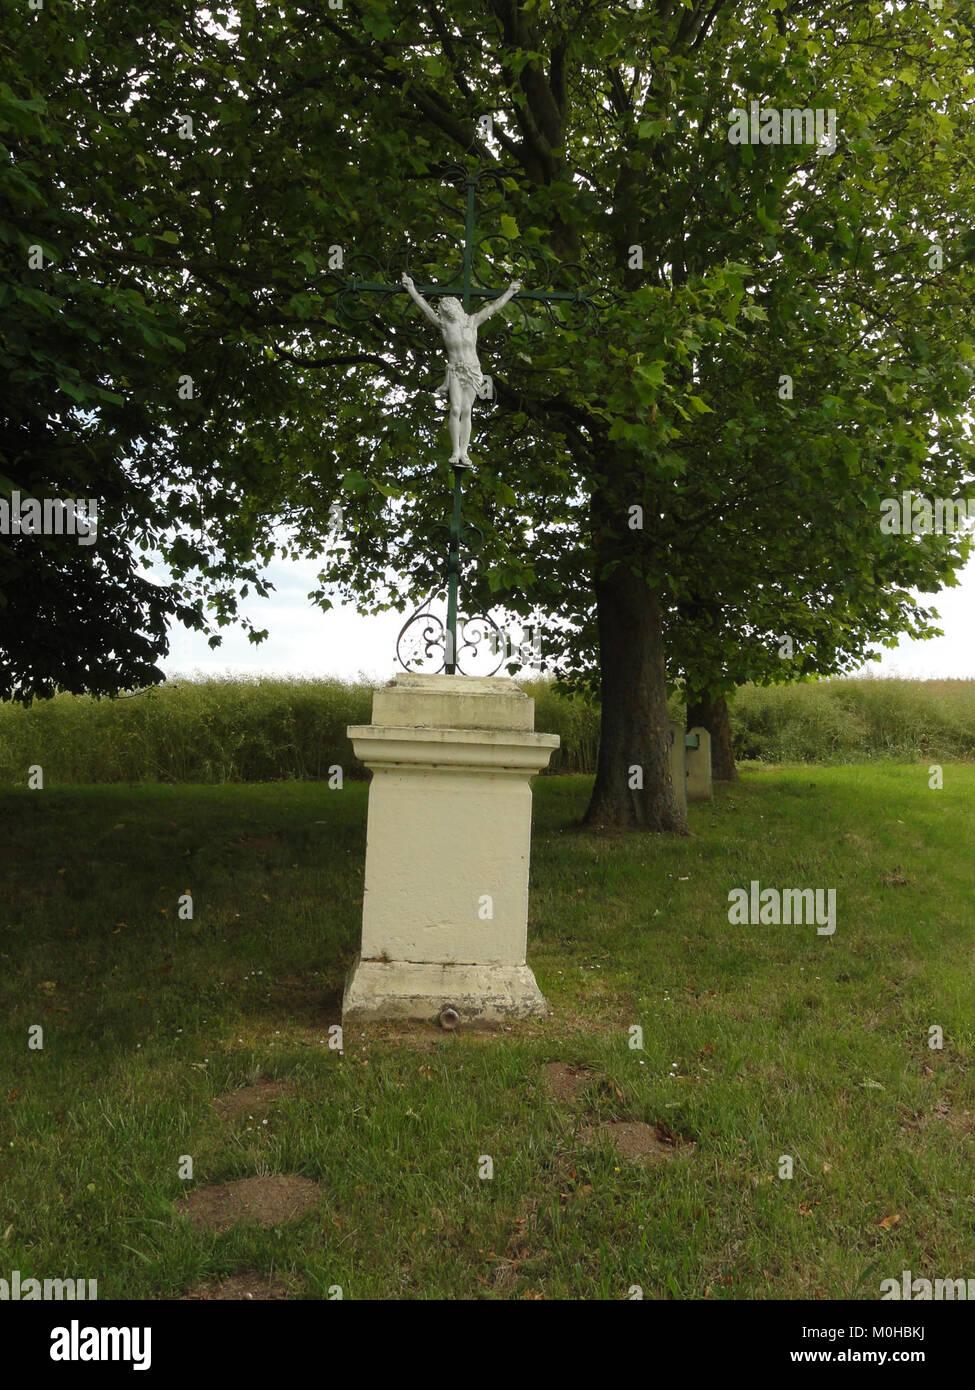 Bucy-lès-Pierrepont (Aisne) croix de chemin ouest Stock Photo